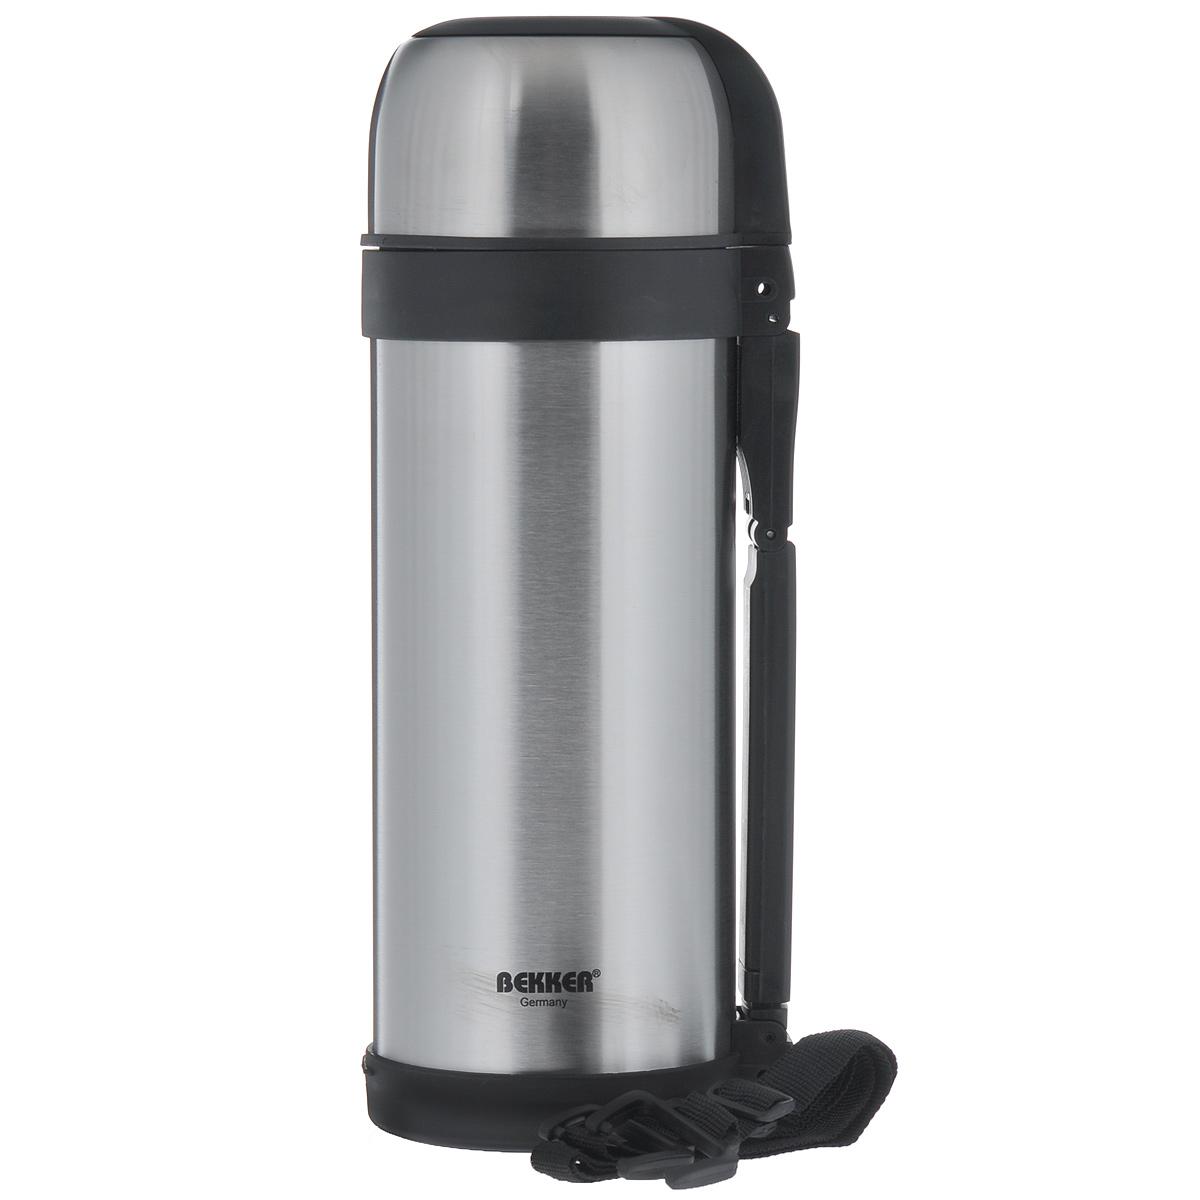 Термос Bekker, с широким горлом, 1,8 л. BK-79BK-79Термос Bekker изготовлен из высококачественной нержавеющей стали 18/8. Он имеет небьющуюся внутреннюю колбу с двойной стенкой и изолированную крышку. Изделие оснащено вакуумной кнопкой для жидкости, а также удобной ручкой. Термос сохраняет напитки и пищу горячими и холодными долгое время. В комплекте ремень для переноски, что делает использование термоса легким и удобным. Легкий и прочный термос Bekker идеально подойдет для транспортировки и путешествий.